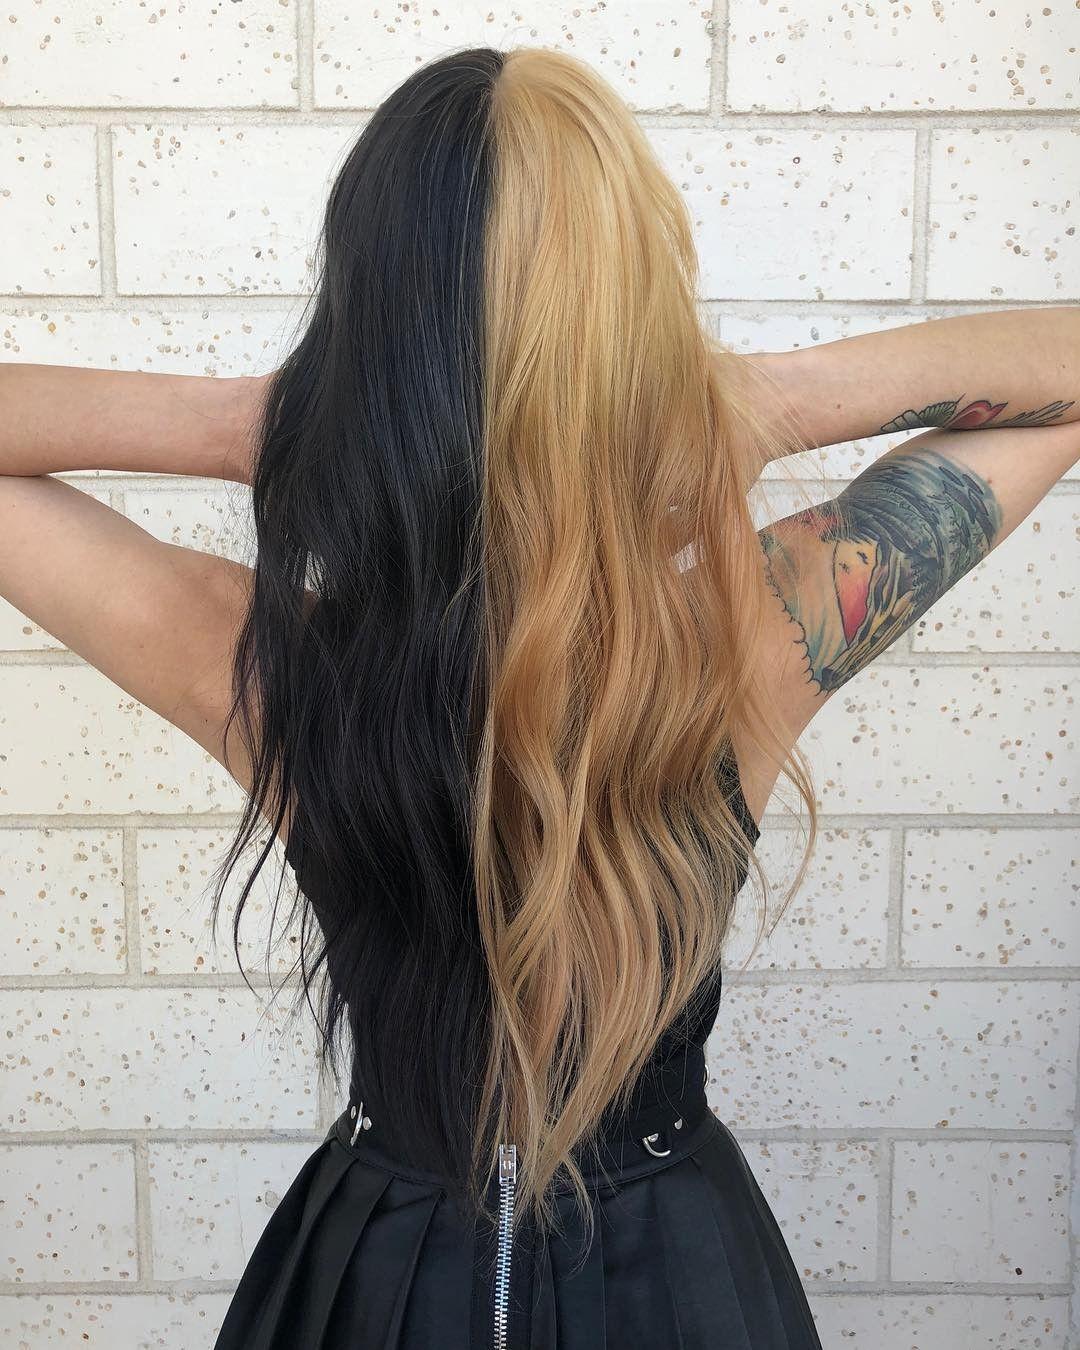 Half Black Half Blond Hair Dyed Hair Dyed Blonde Hair Half Dyed Hair